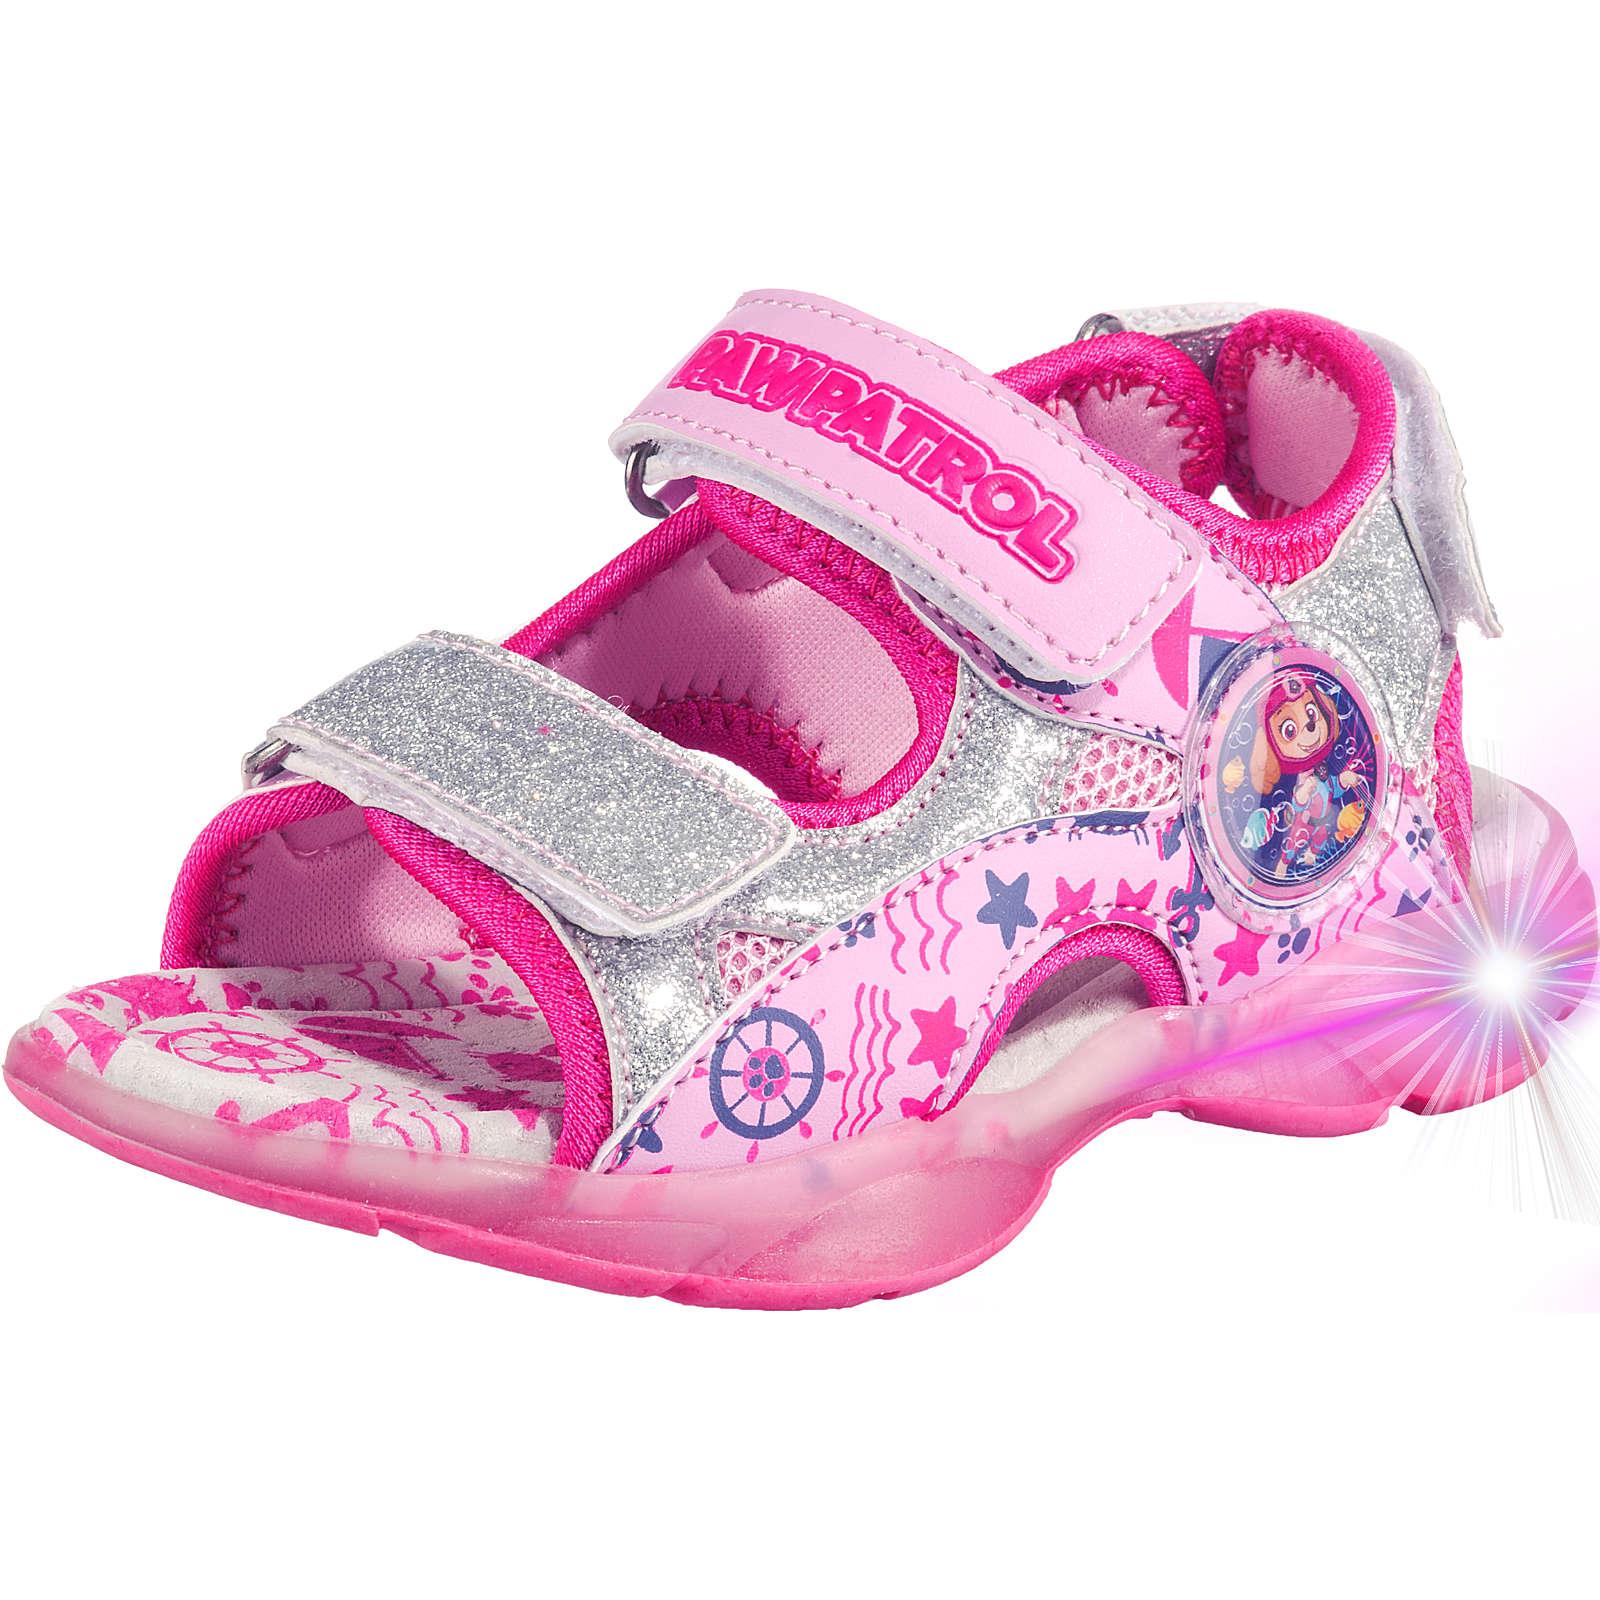 Baby Sandalen PAW Patrol für Mädchen rosa Mädchen Gr. 23